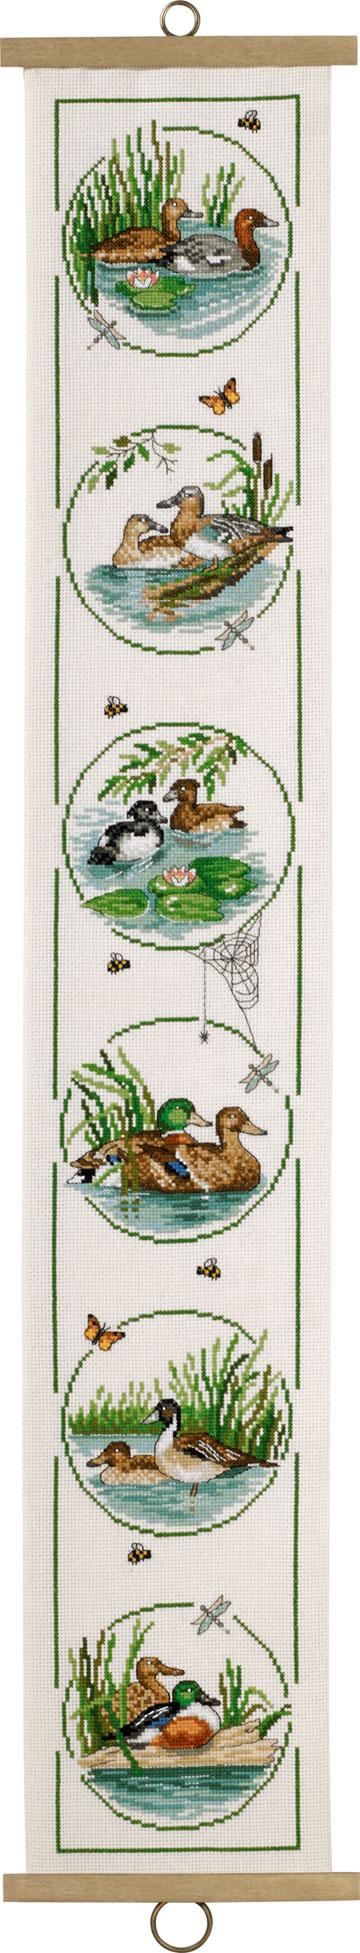 〔Permin〕 刺繍キット P35-0424